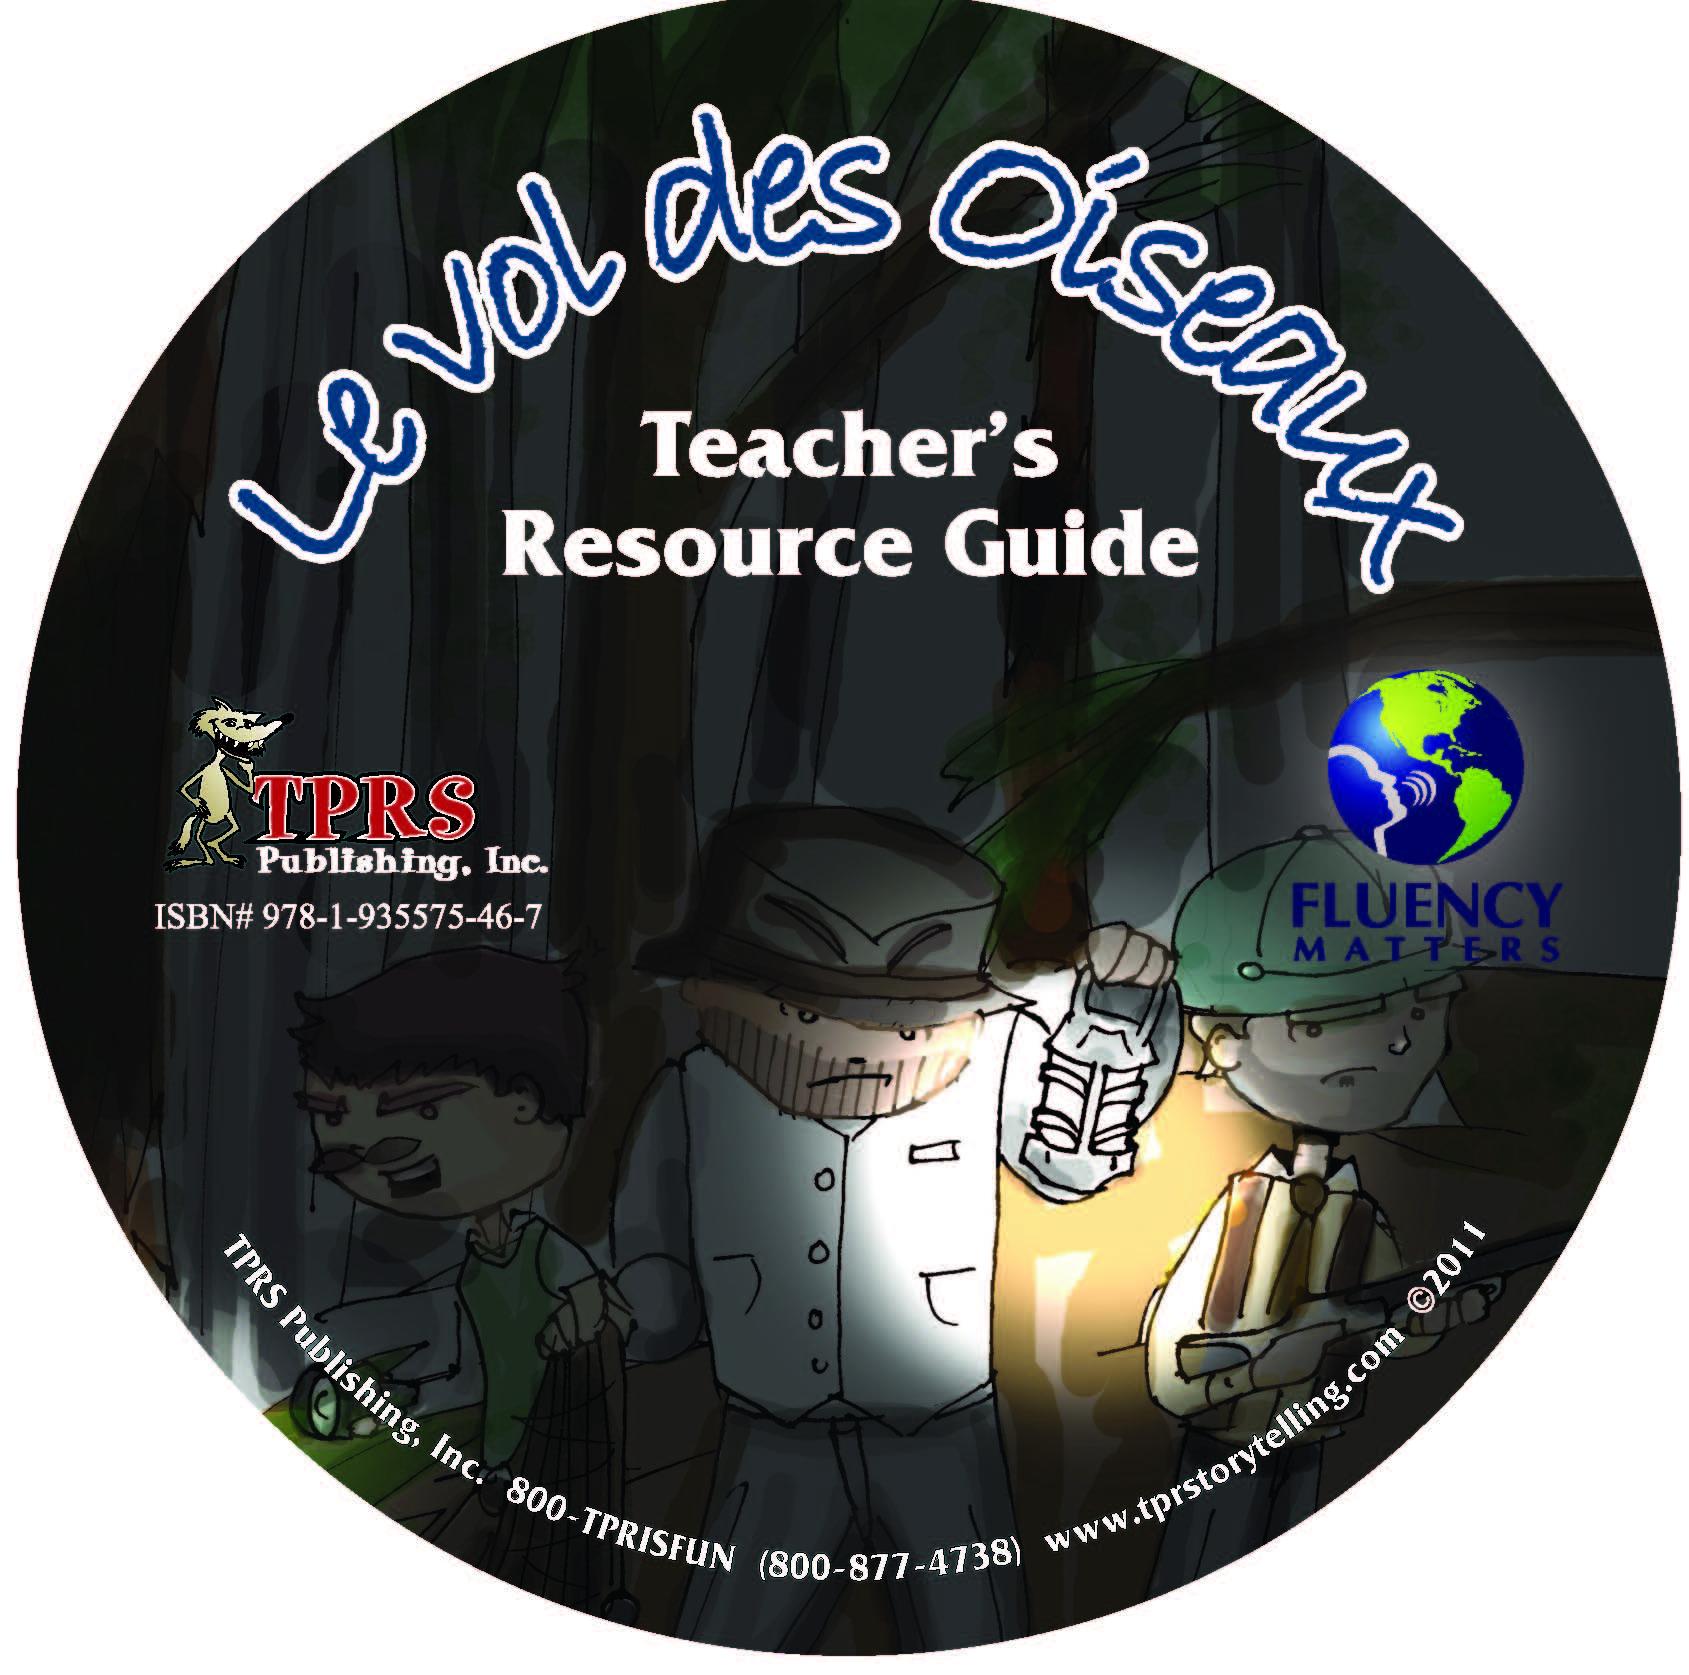 Vol de Oiseaux – Teacher's Guide on CD